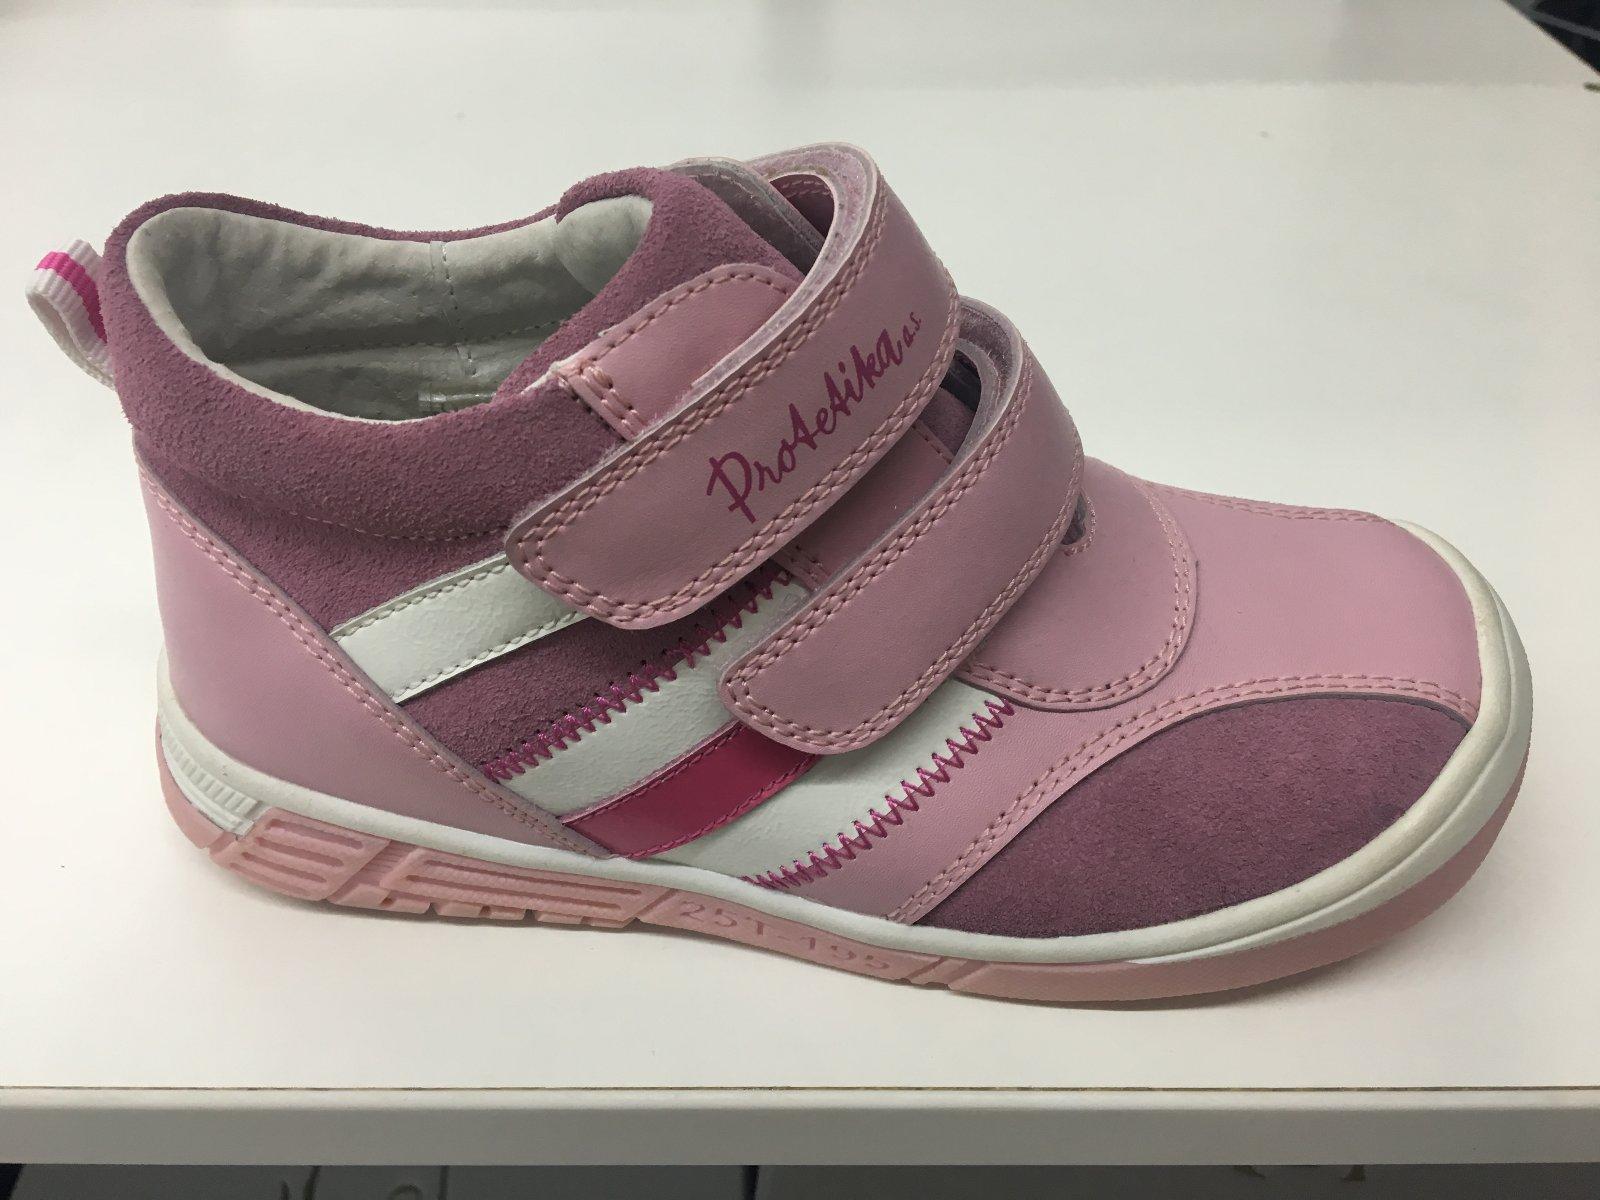 d55be98c32 Dievčenské topánky protetika 10333 b